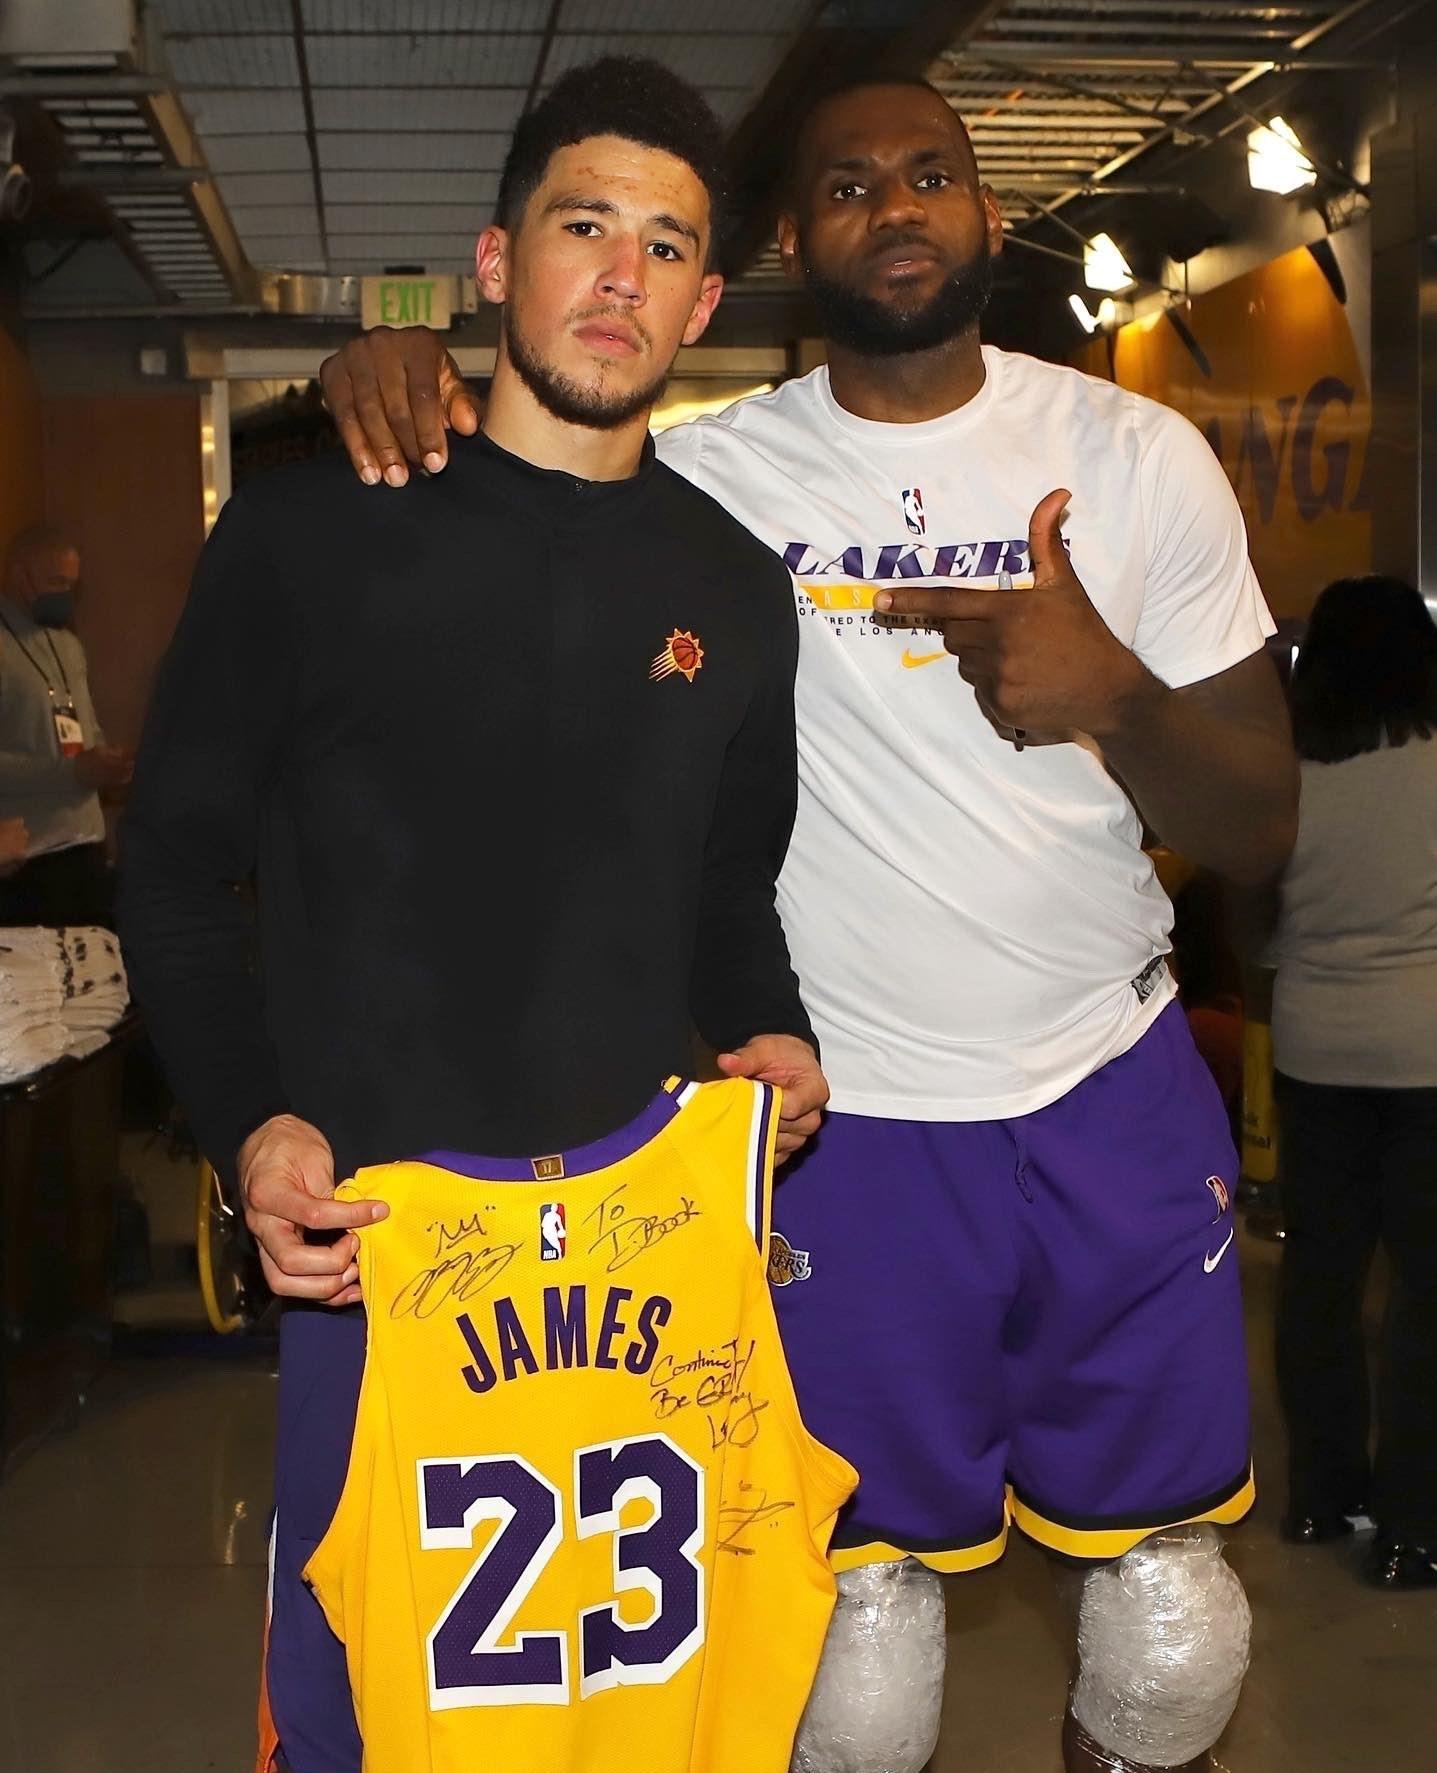 لیگ NBA , عربستان سعودی , تیم بسکتبال لس آنجلس لیکرز , لبران ریمون جیمز ,